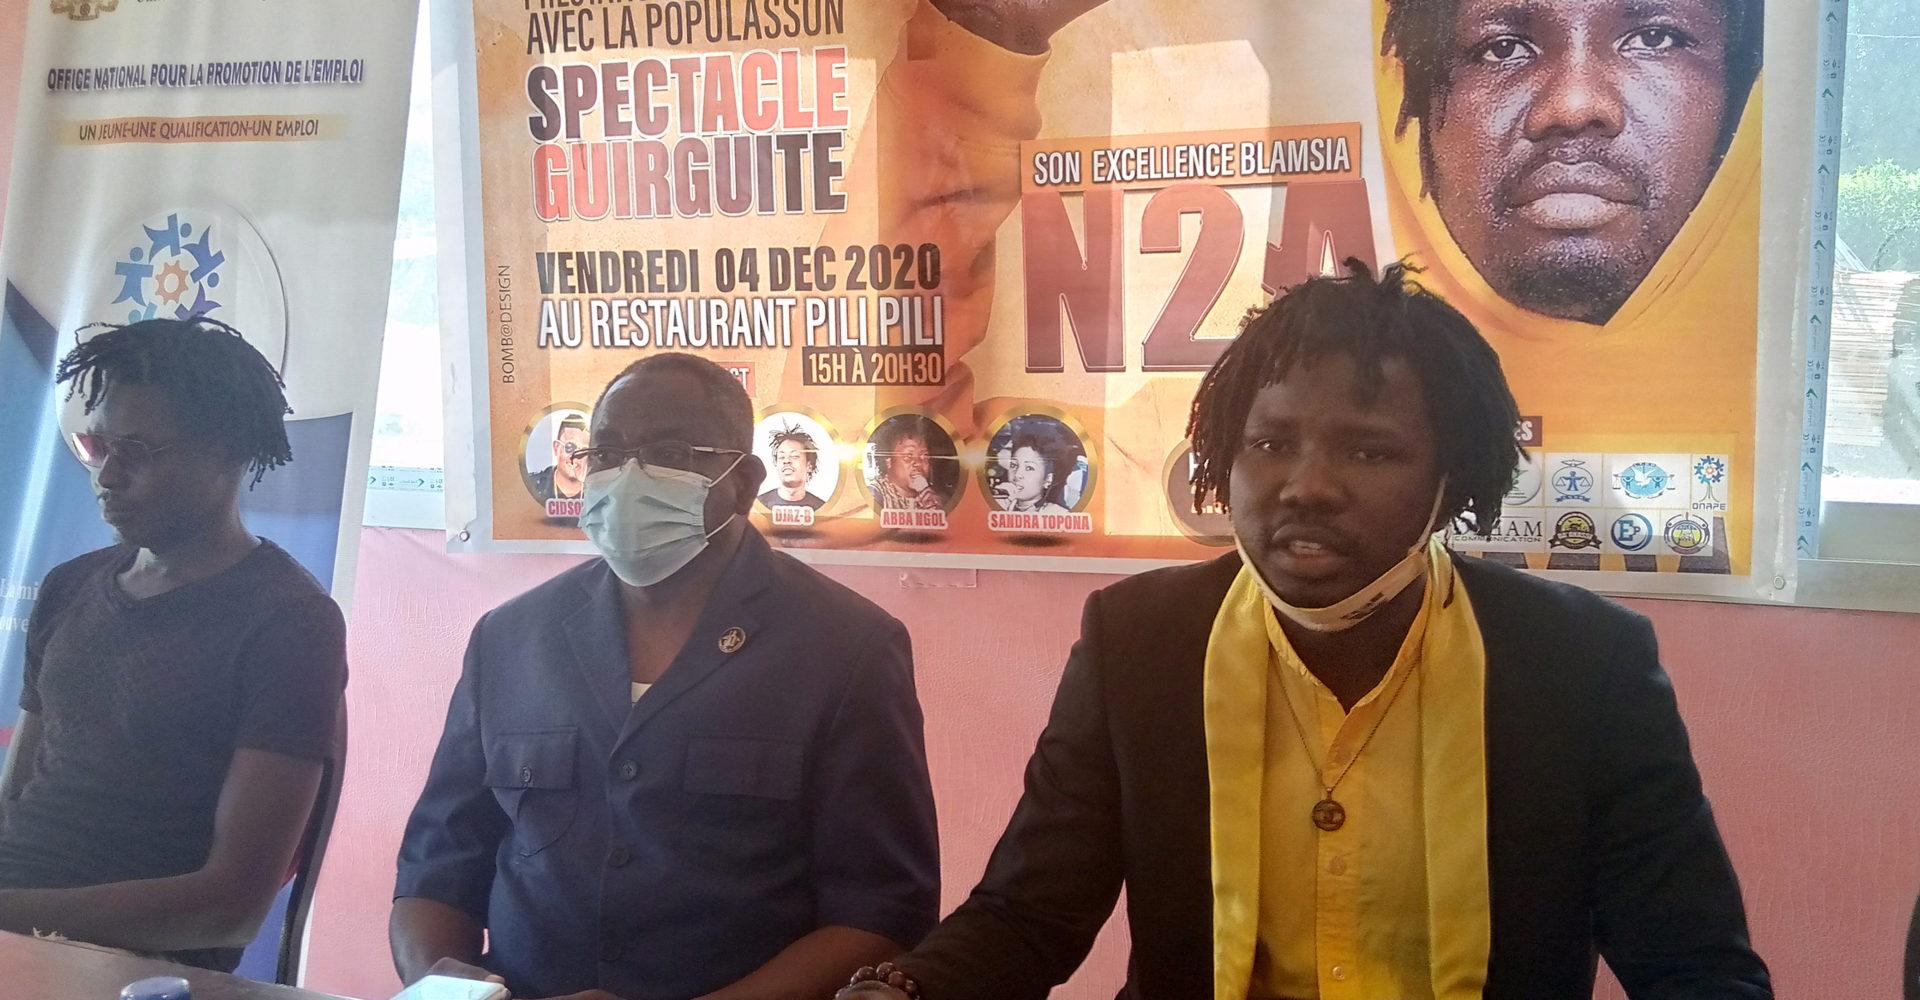 N2a va verser le fonds collectés à son concert du 4 décembre aux enfants des artistes décédés 1